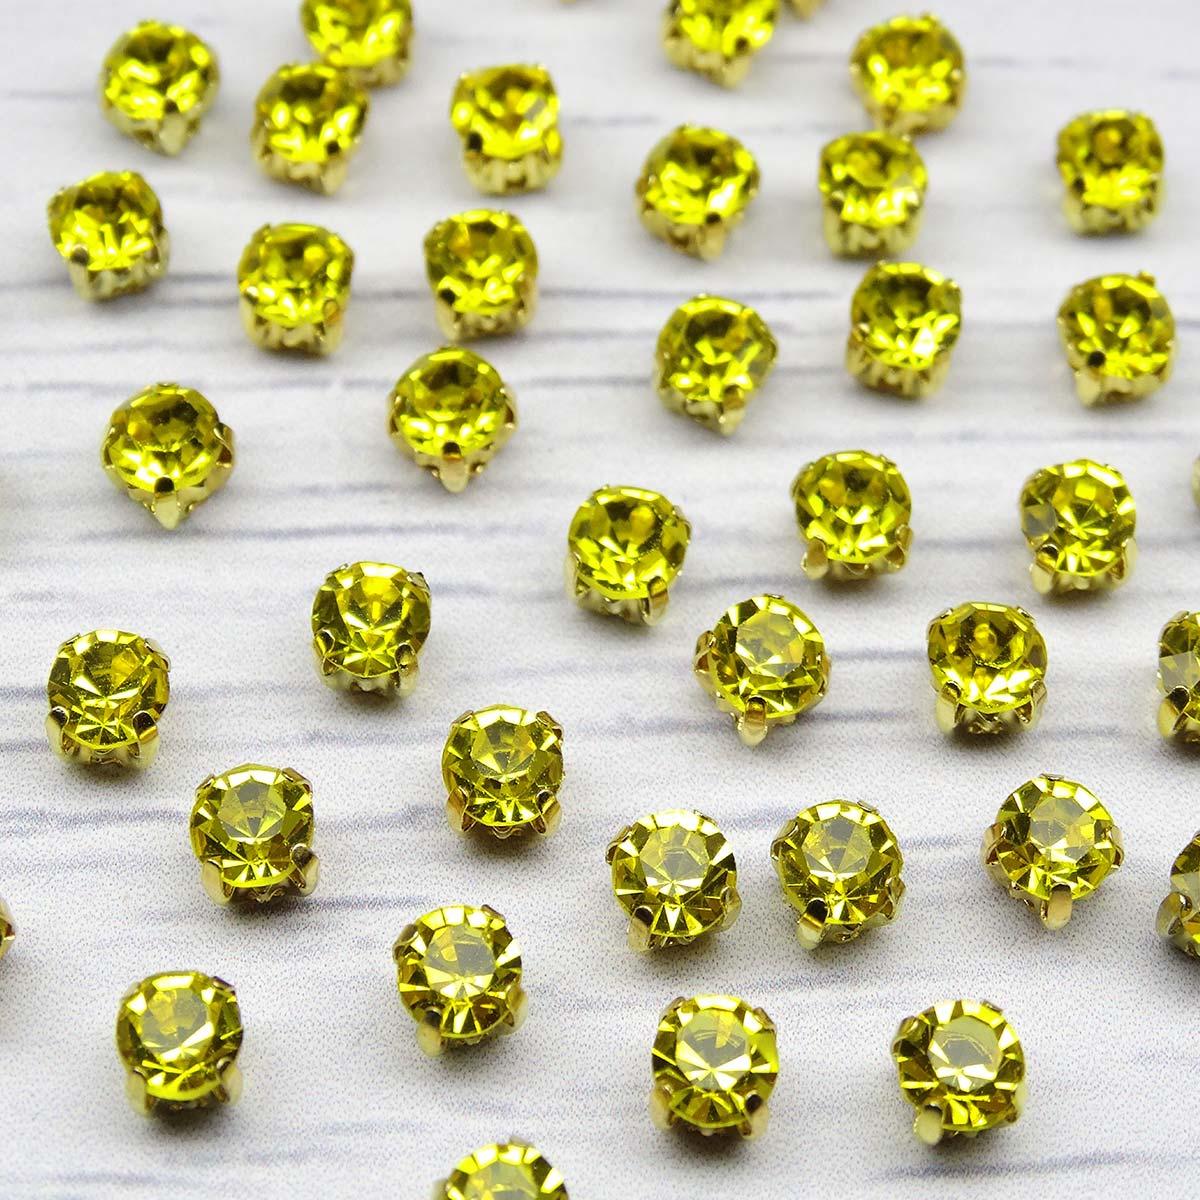 ЗЦ017НН44 Хрустальные стразы в цапах круглые (золото) цитрин 4х4 мм, 29-30 шт/упак Астра